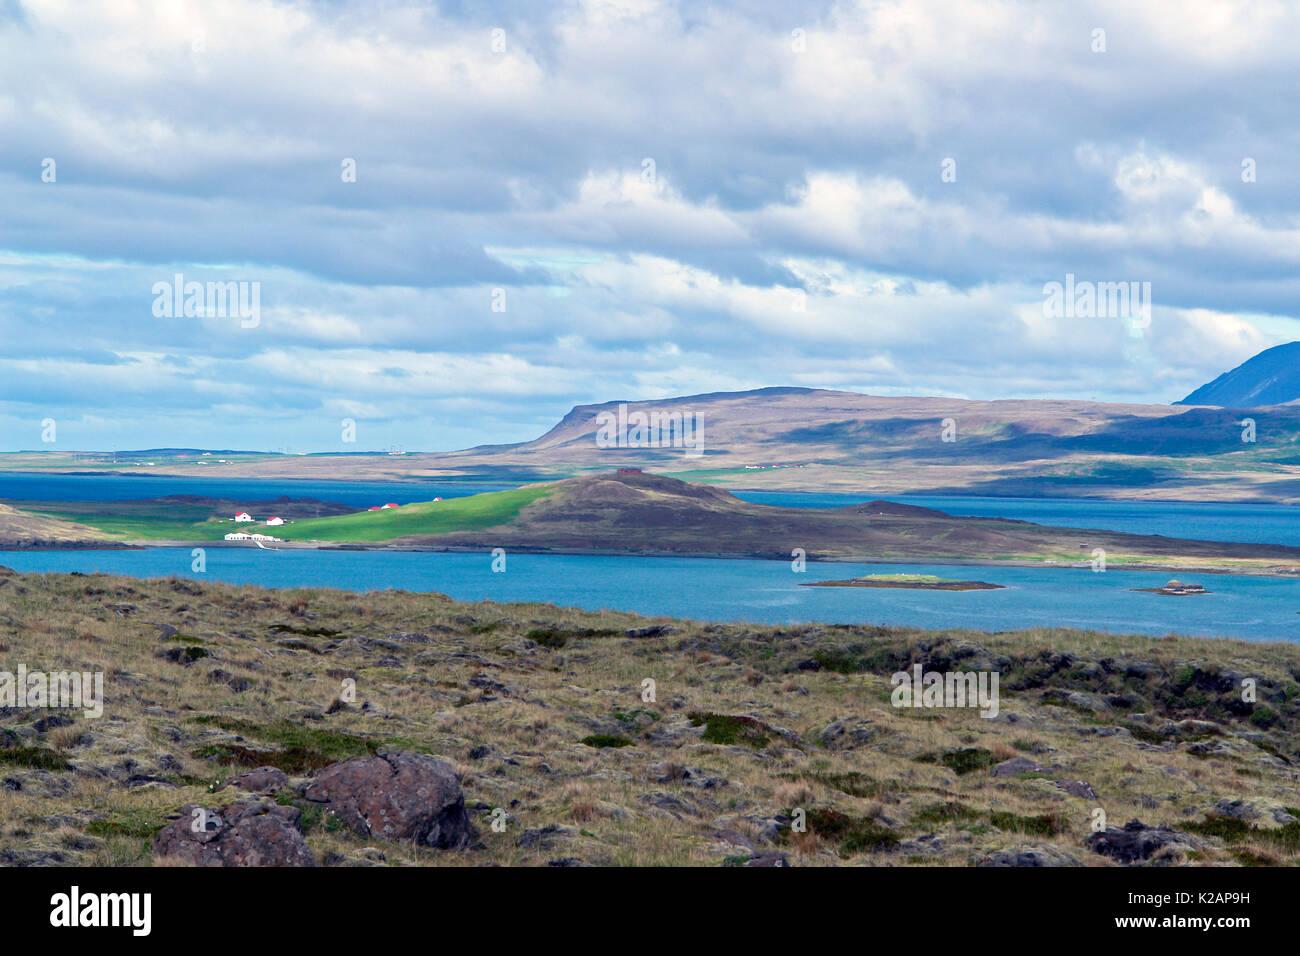 Islande typique matin seascape avec fermes dans un fjord Photo Stock